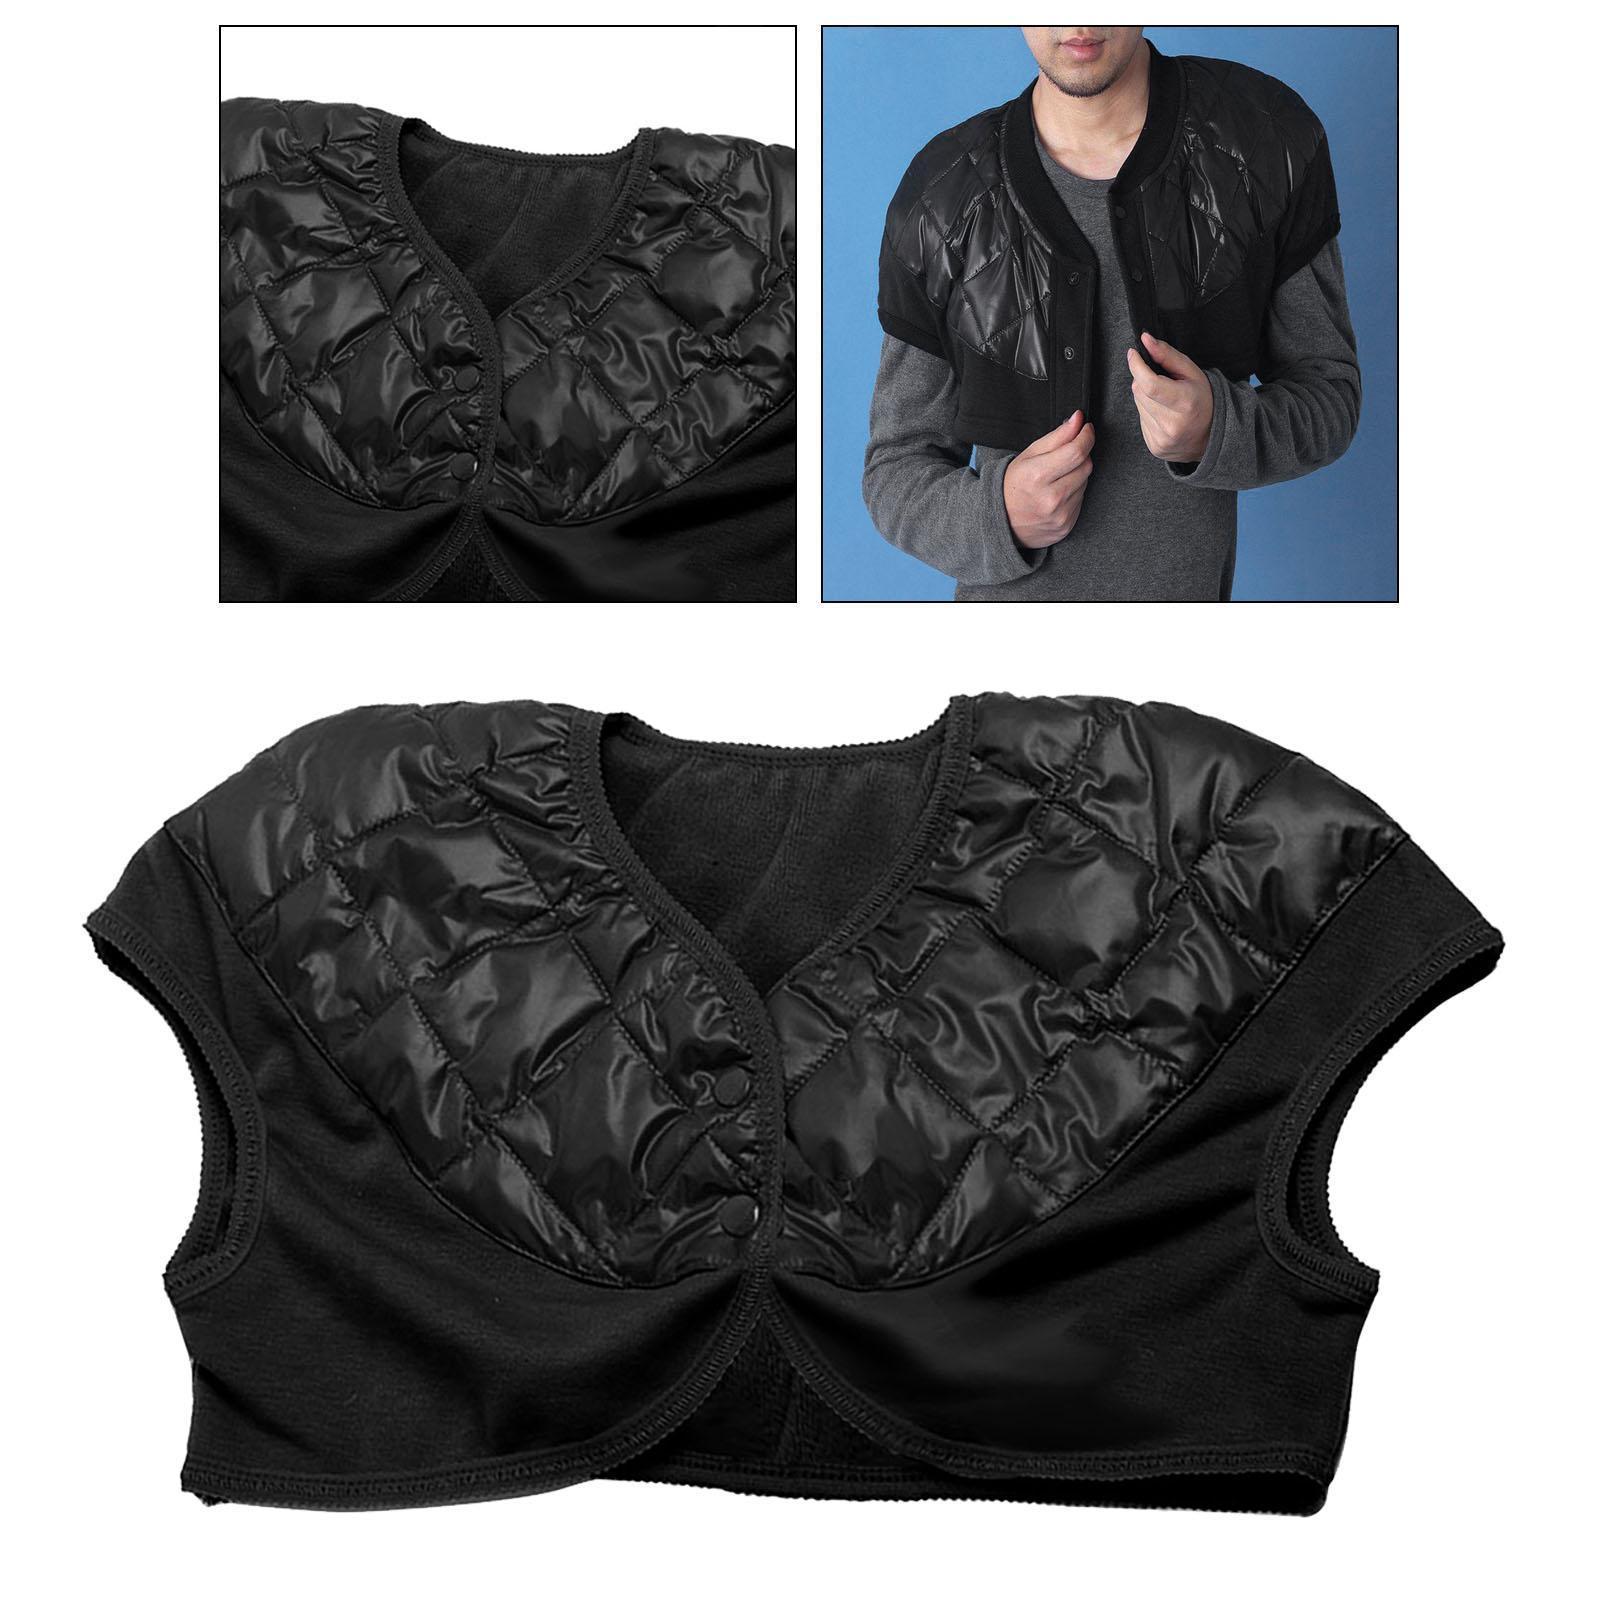 Femmes-Hommes-Down-Jacket-Chaud-Manteau-Court-Epaule-Chaud-Thermique-Wrap miniatura 84